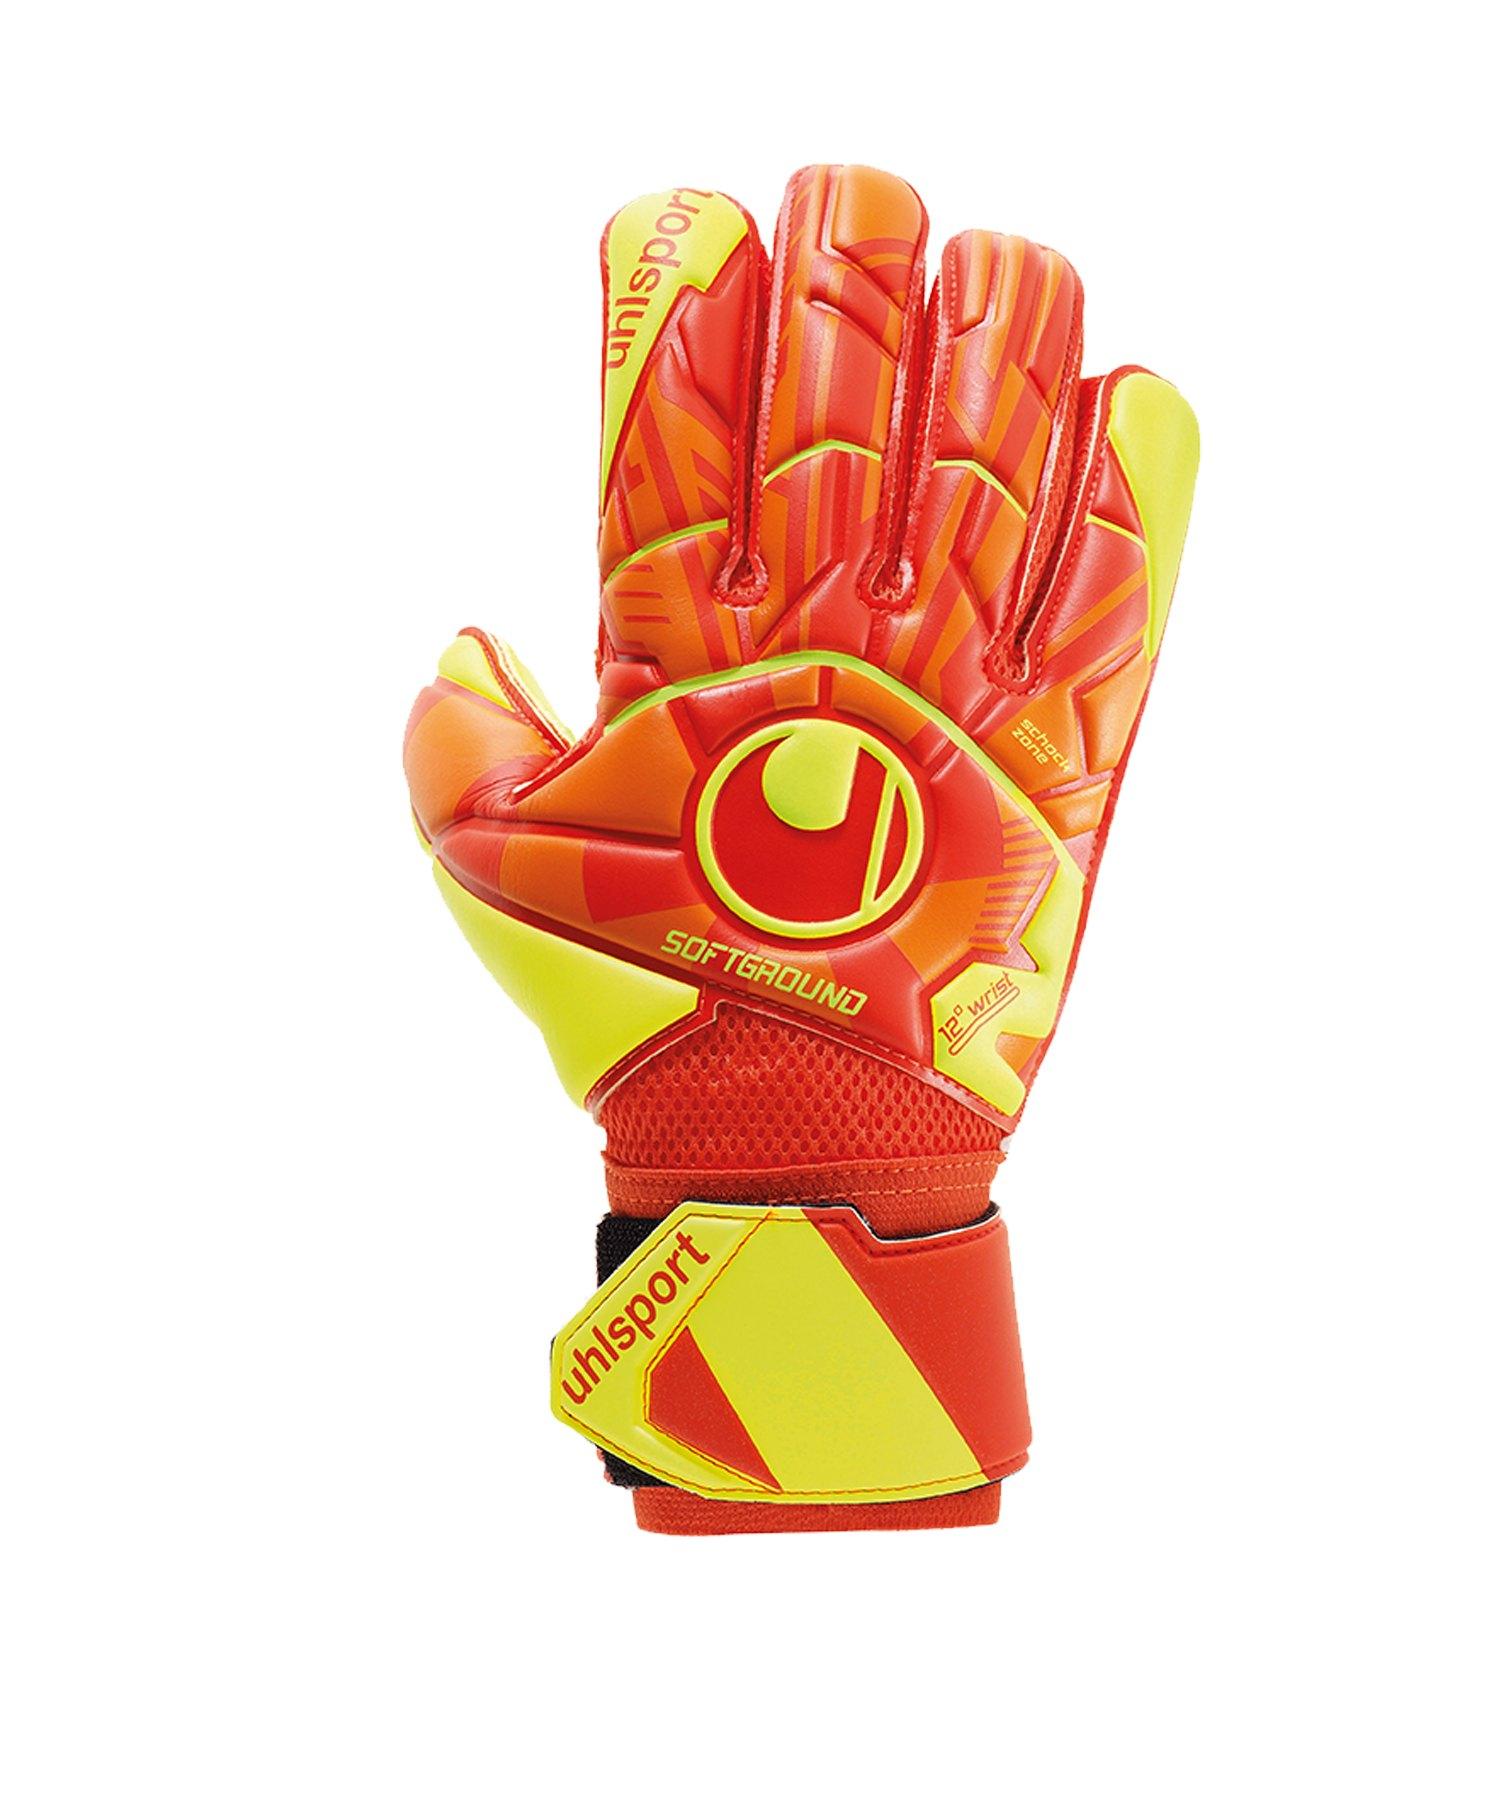 Uhlsport Dyn.Impulse Softflex TW-Handschuh F01 - orange